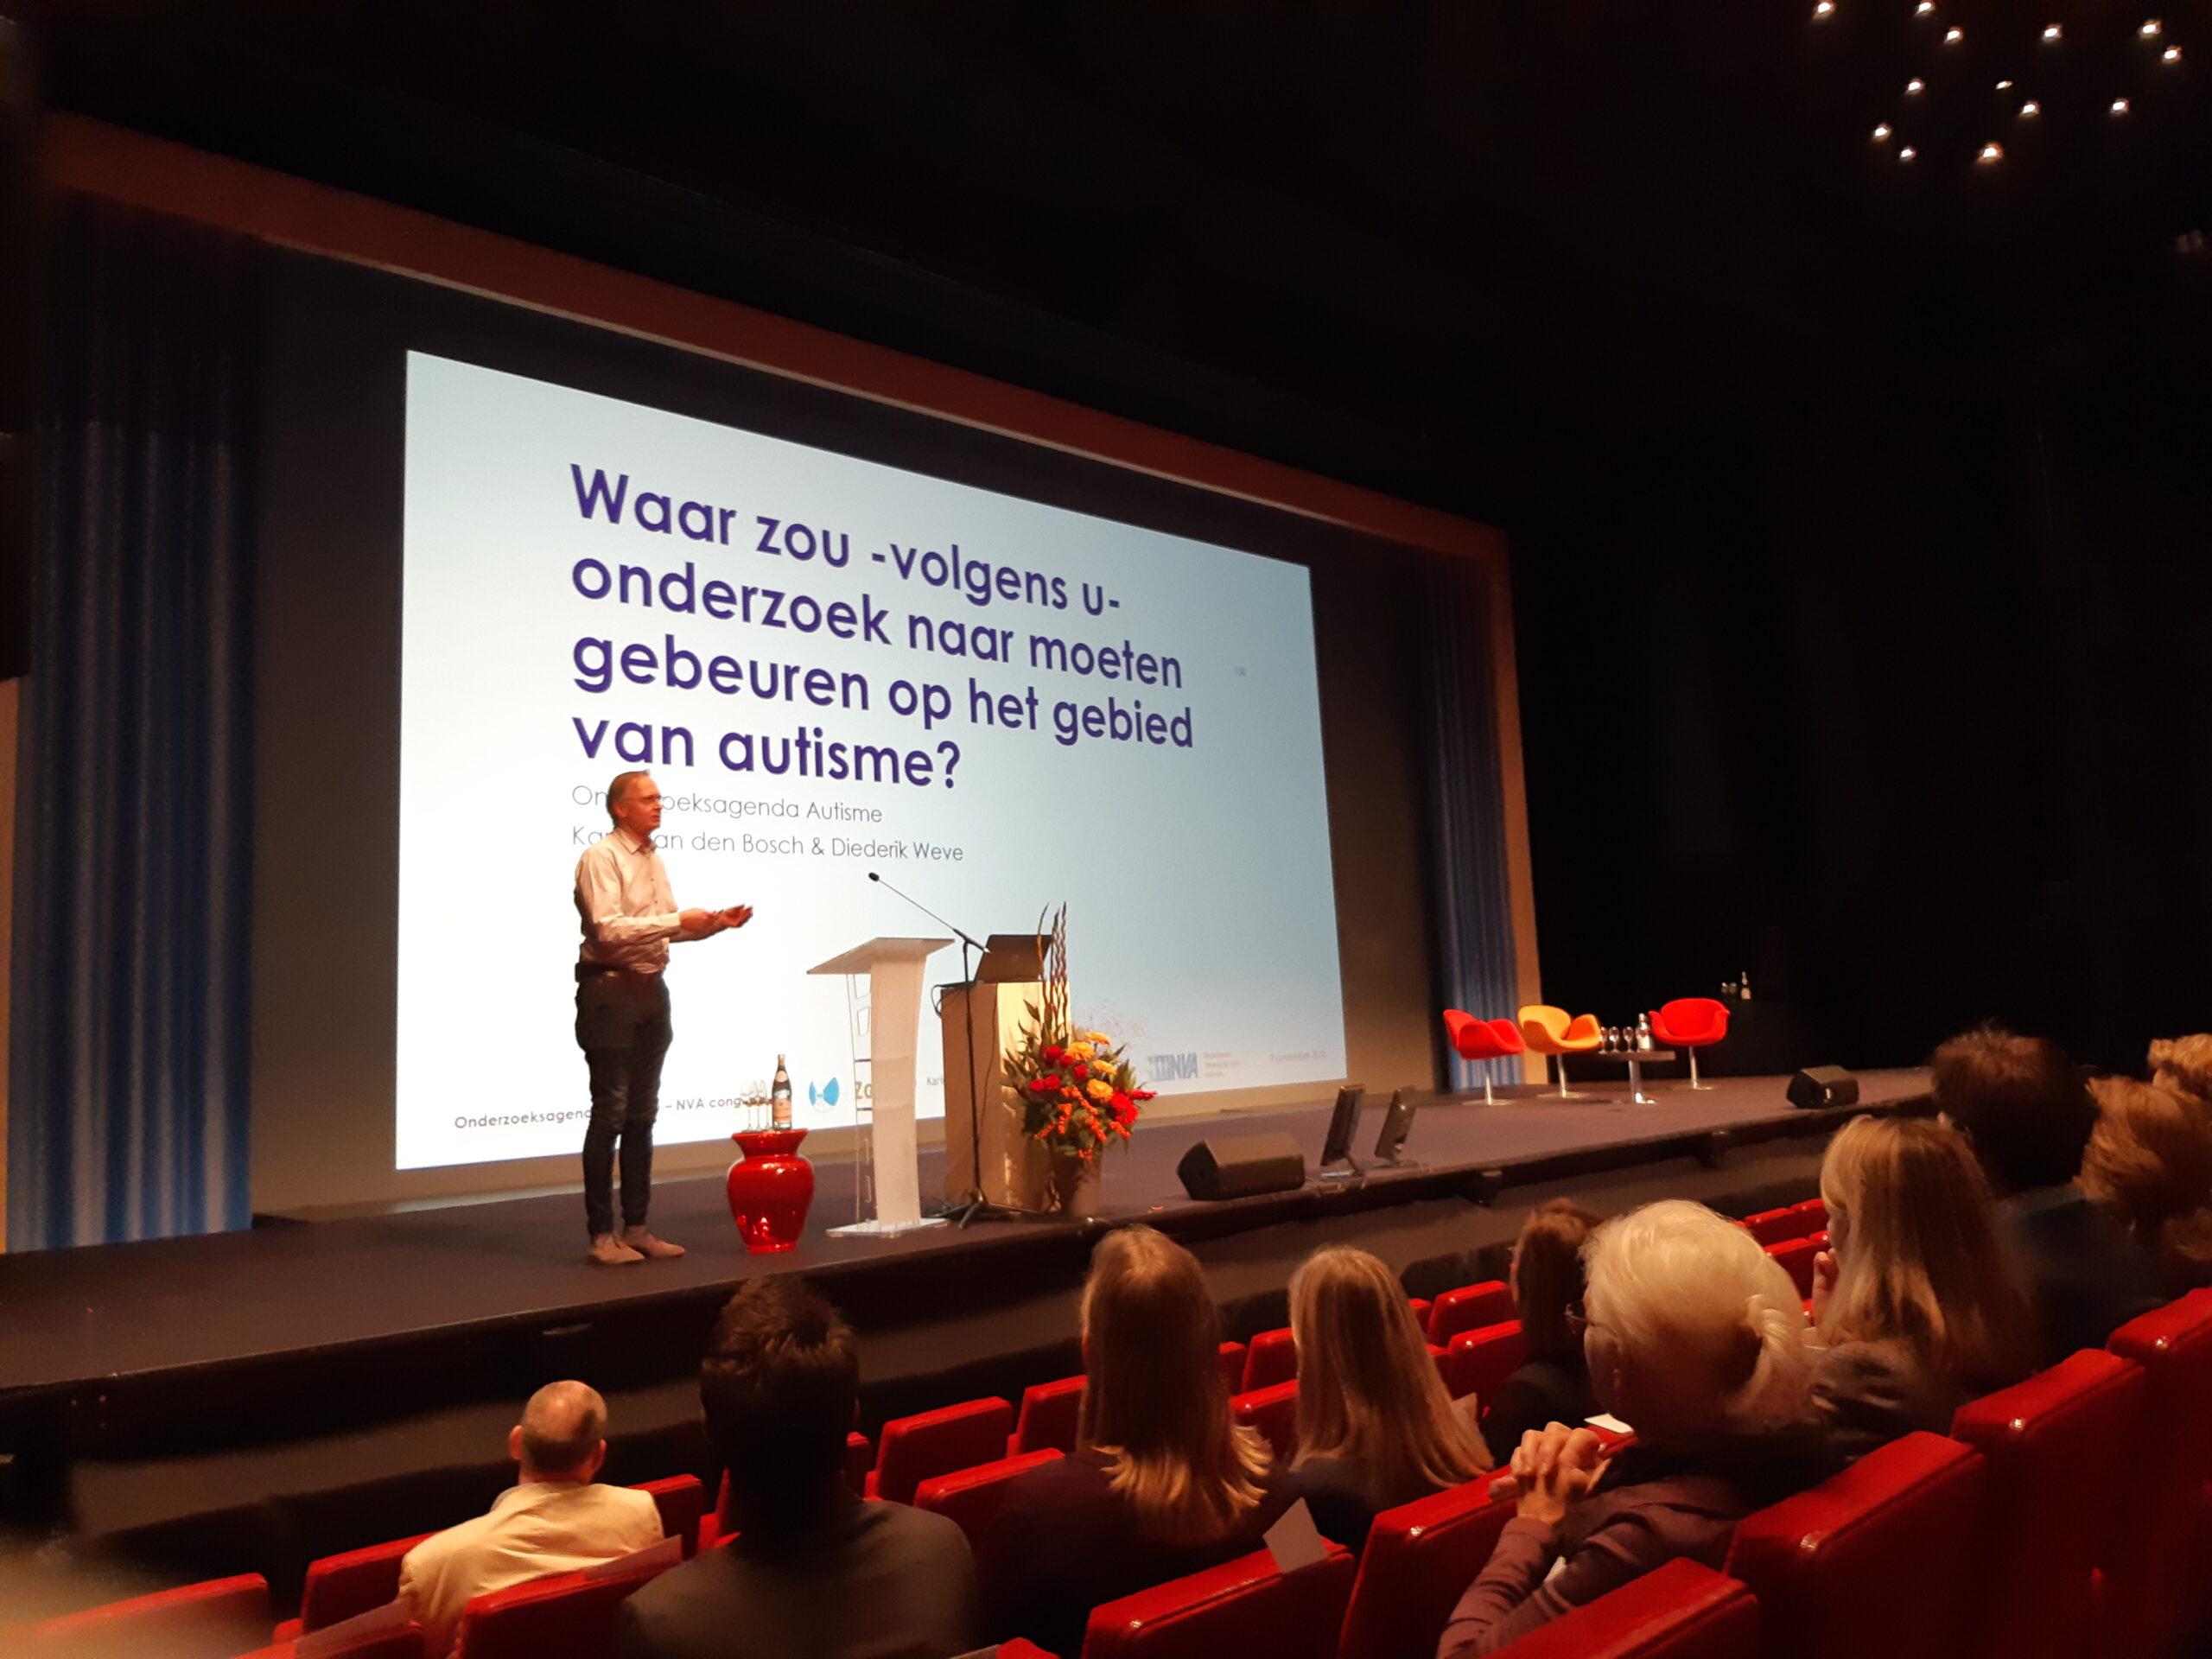 Diederik Weve presenteert over OZA op NVA congres 2018